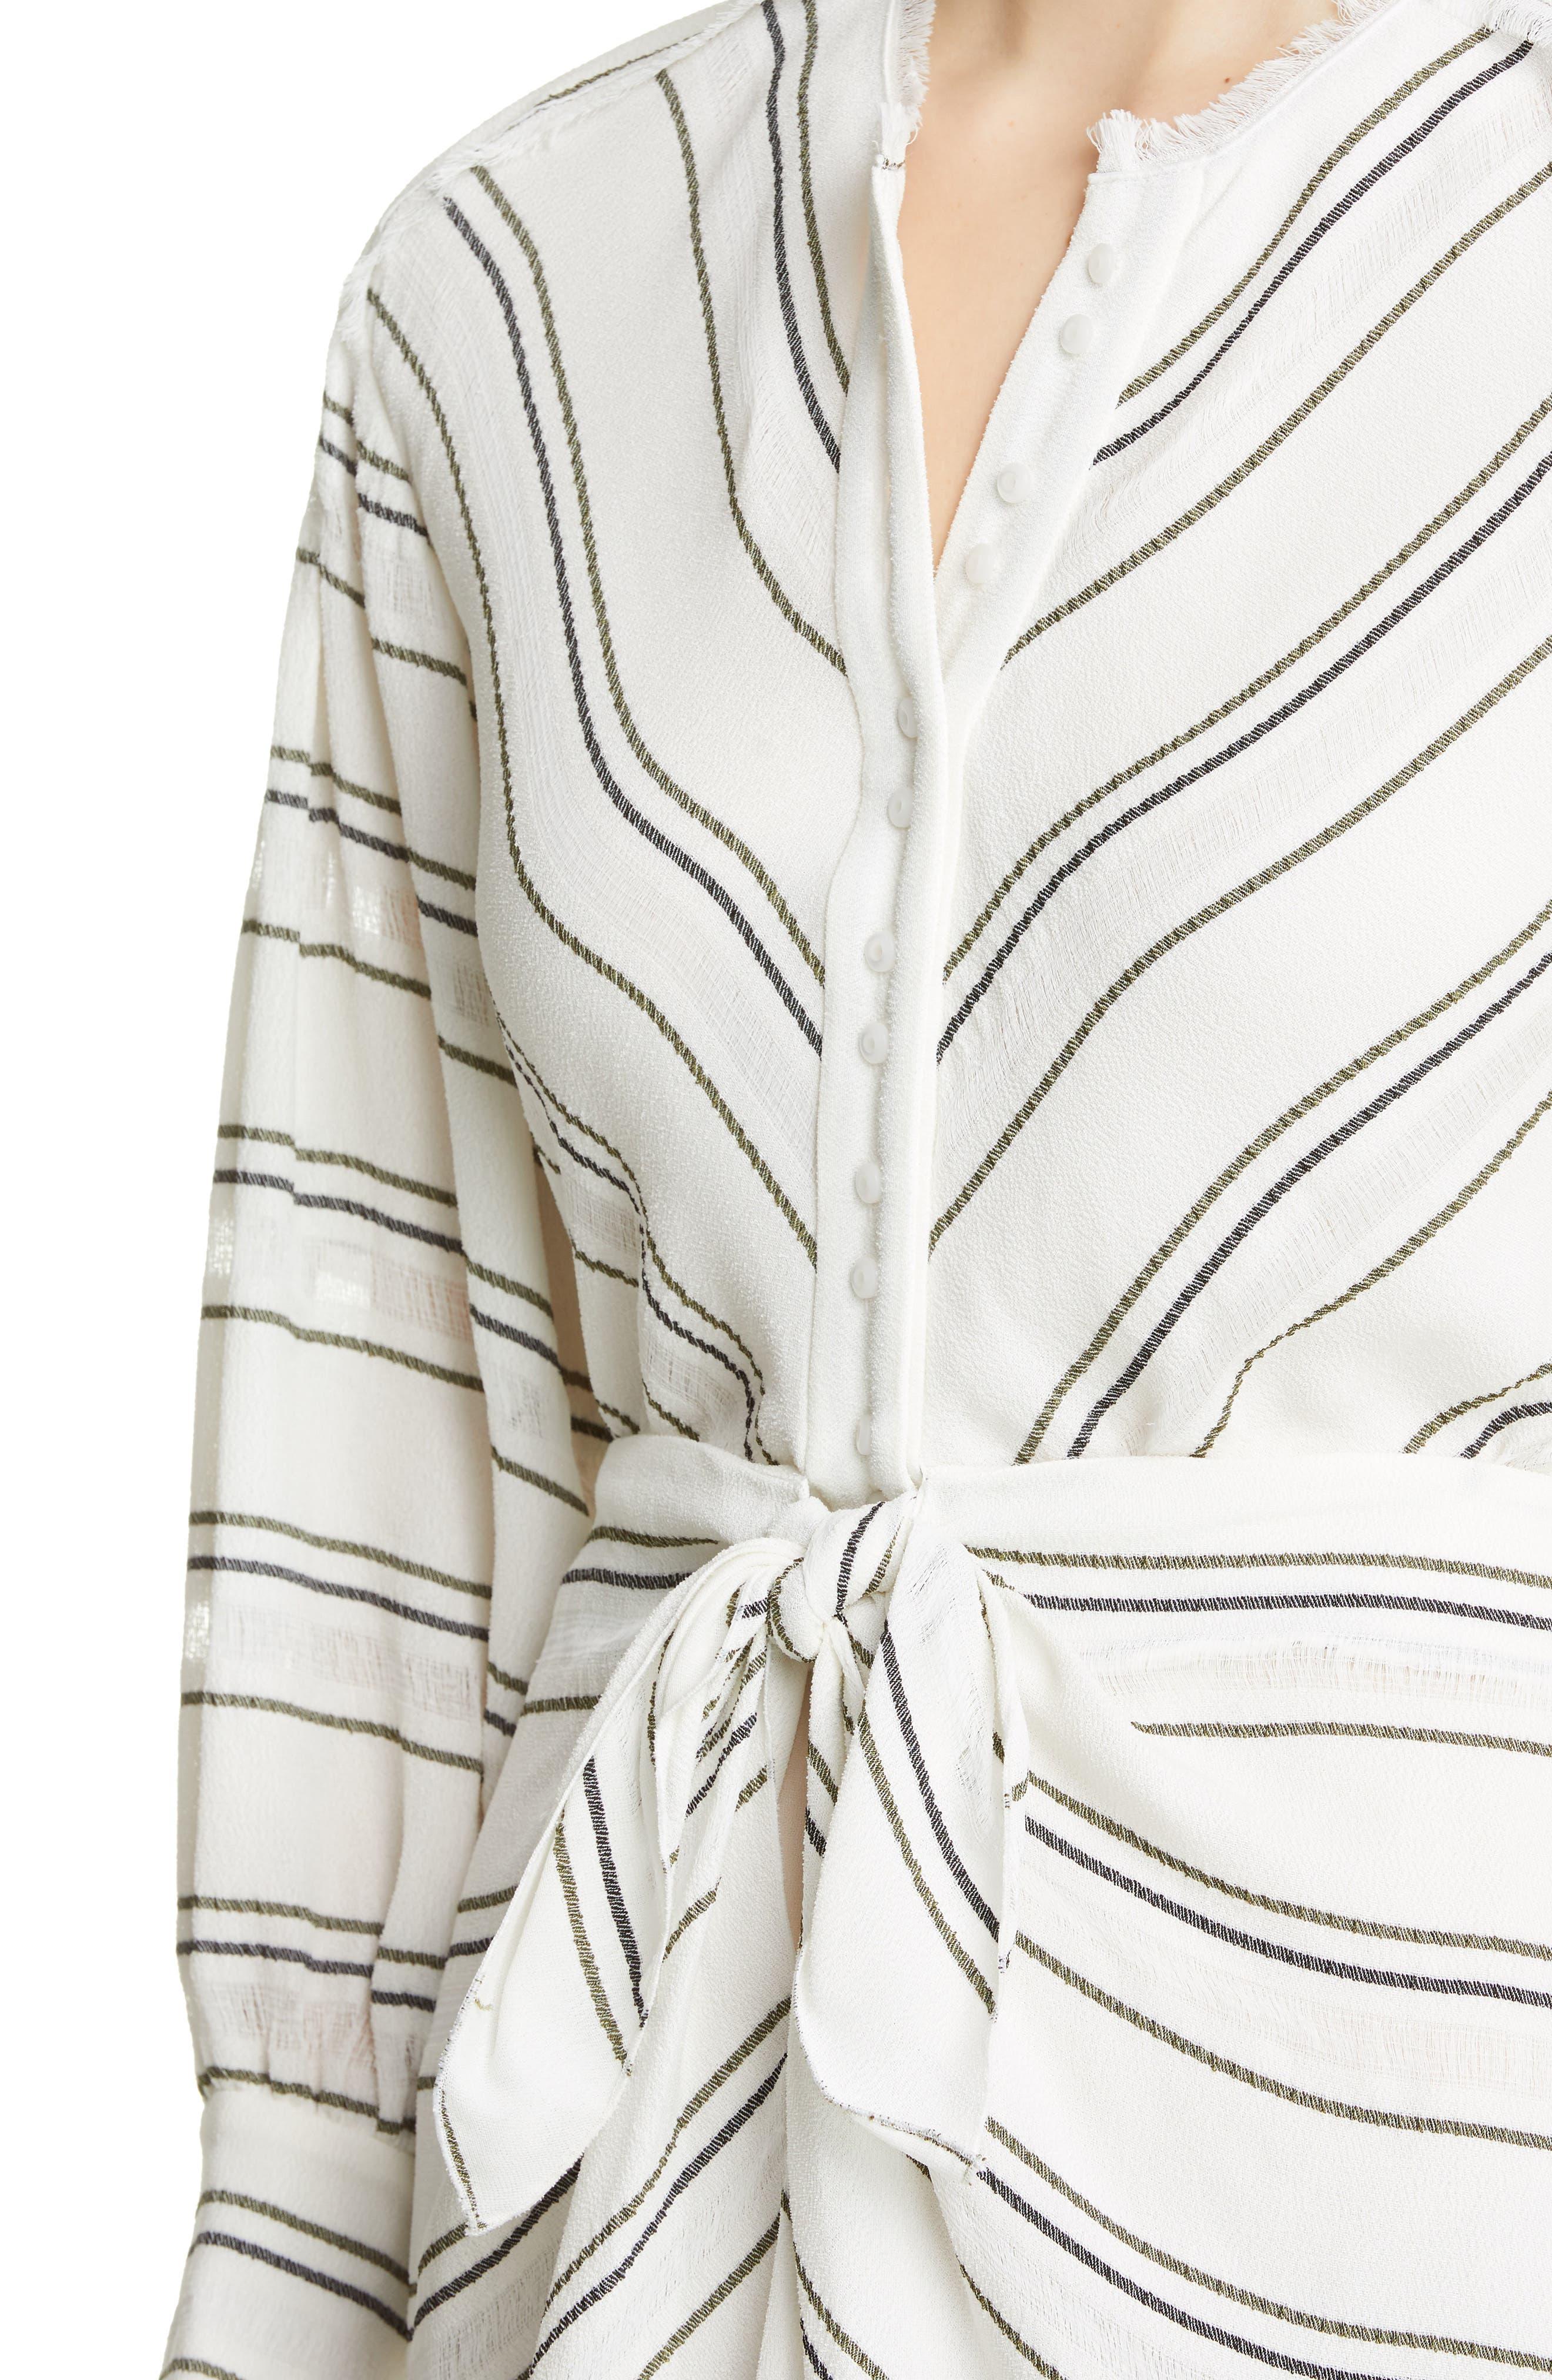 PROENZA SCHOULER, Tie Front Stripe Crepe Dress, Alternate thumbnail 5, color, WHITE